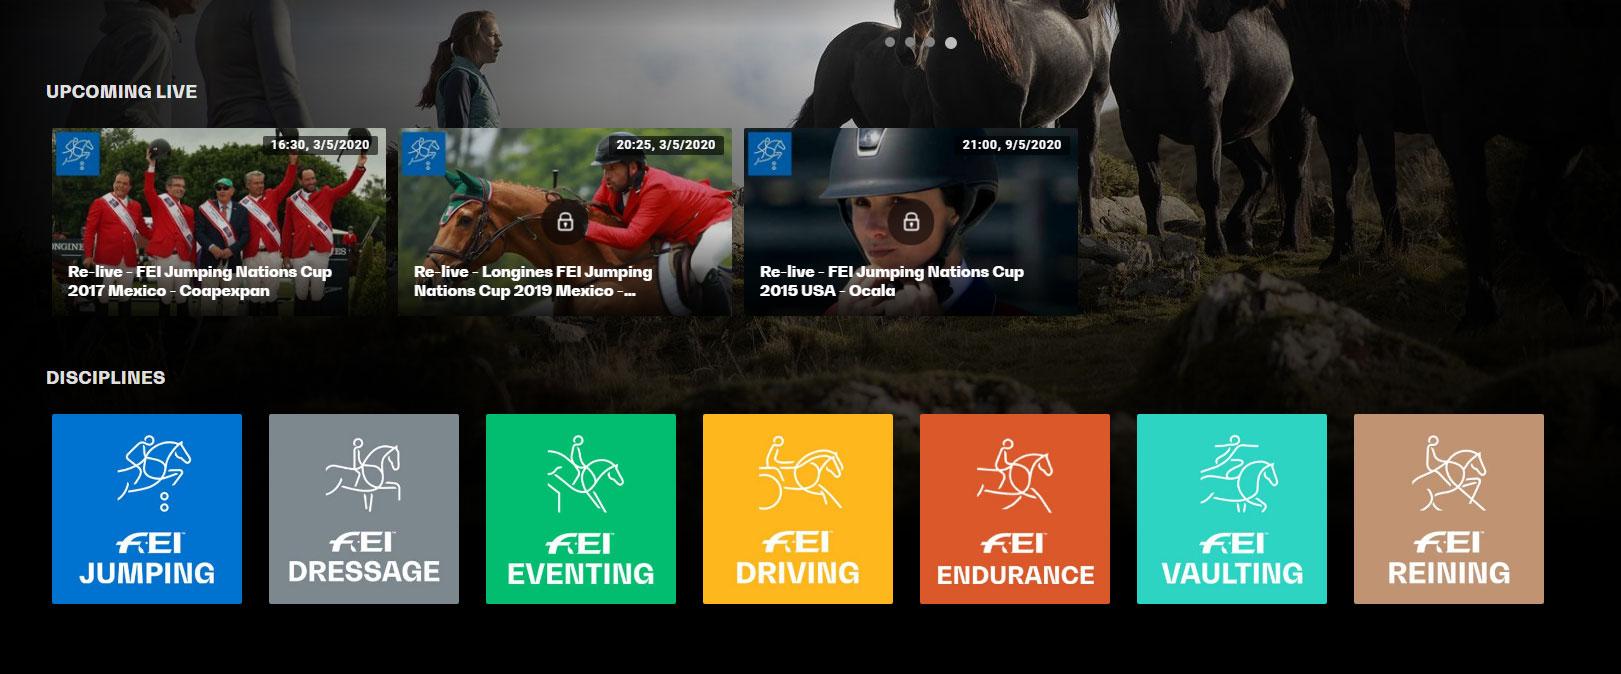 שידורי תחרויות סוסים בחינם